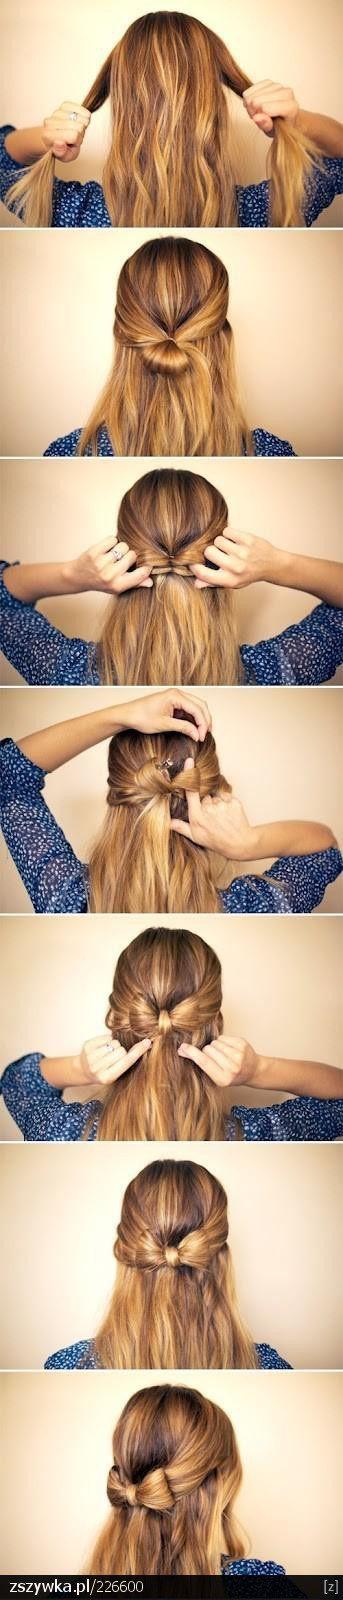 Tutoriel coiffure noeud - Happy Chantilly